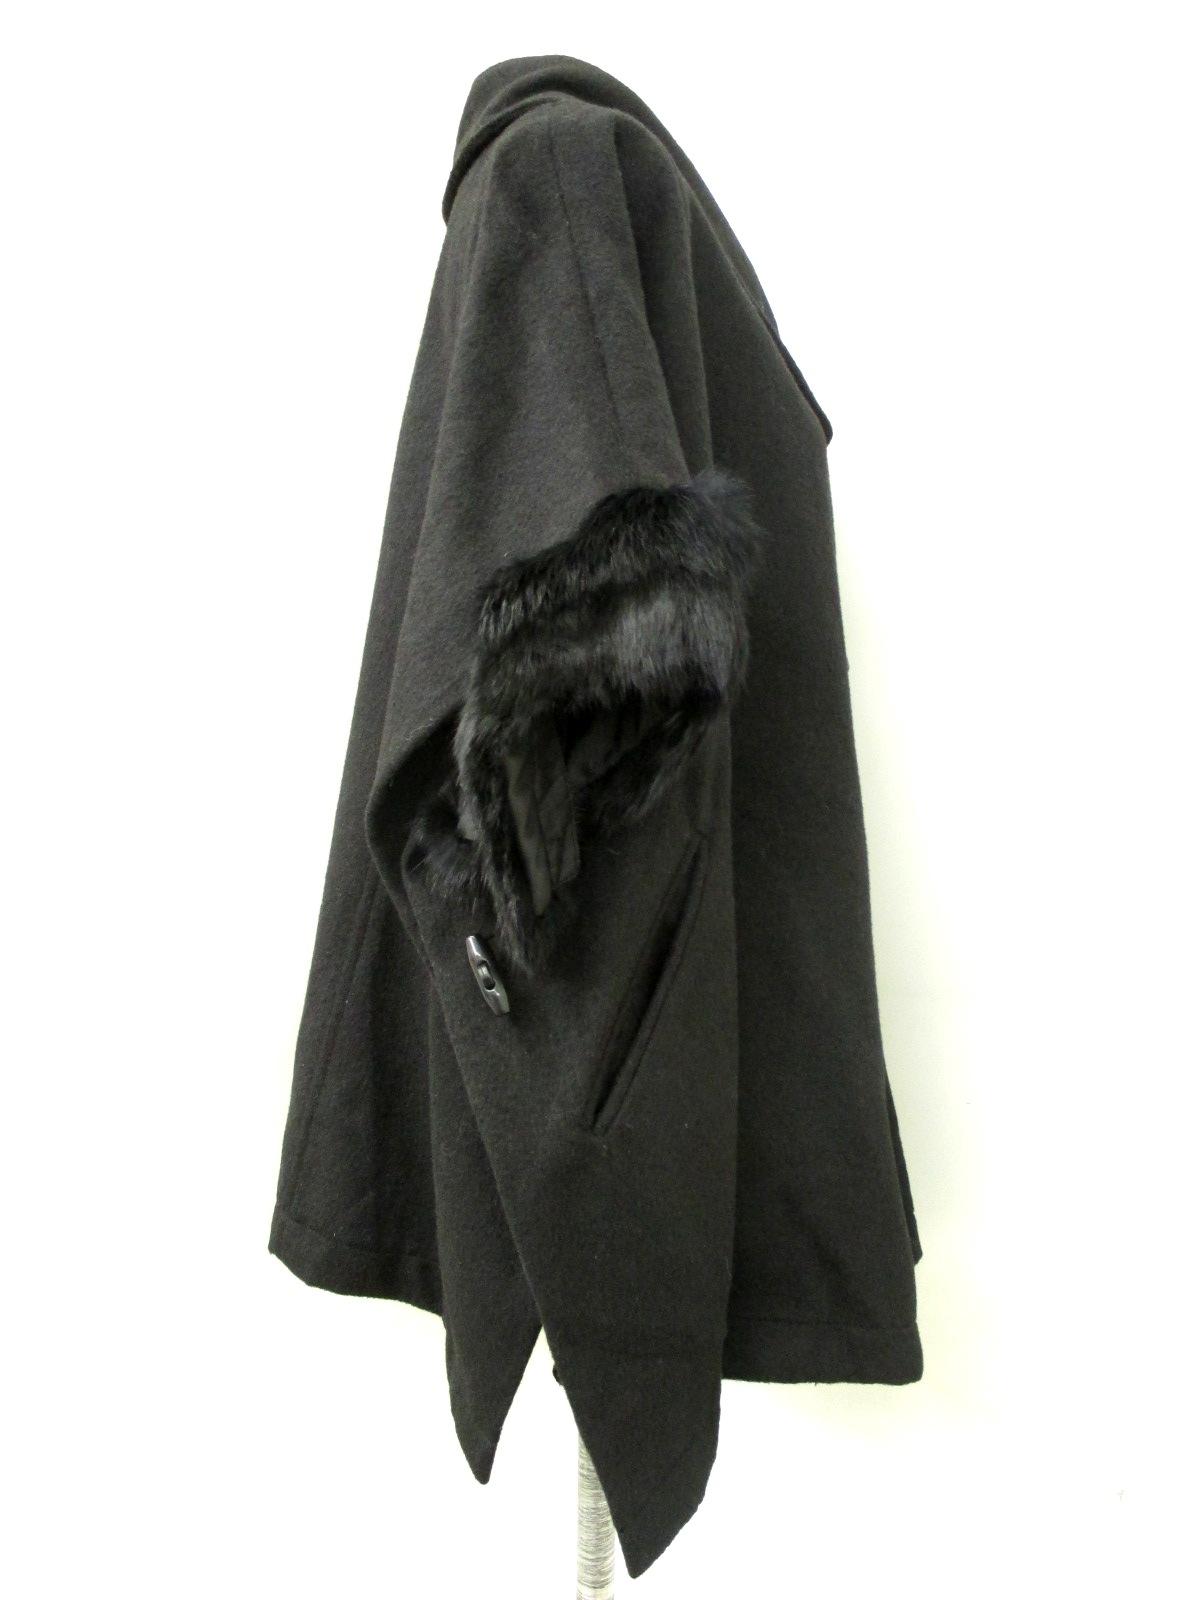 YEVS(イーブス)のコート